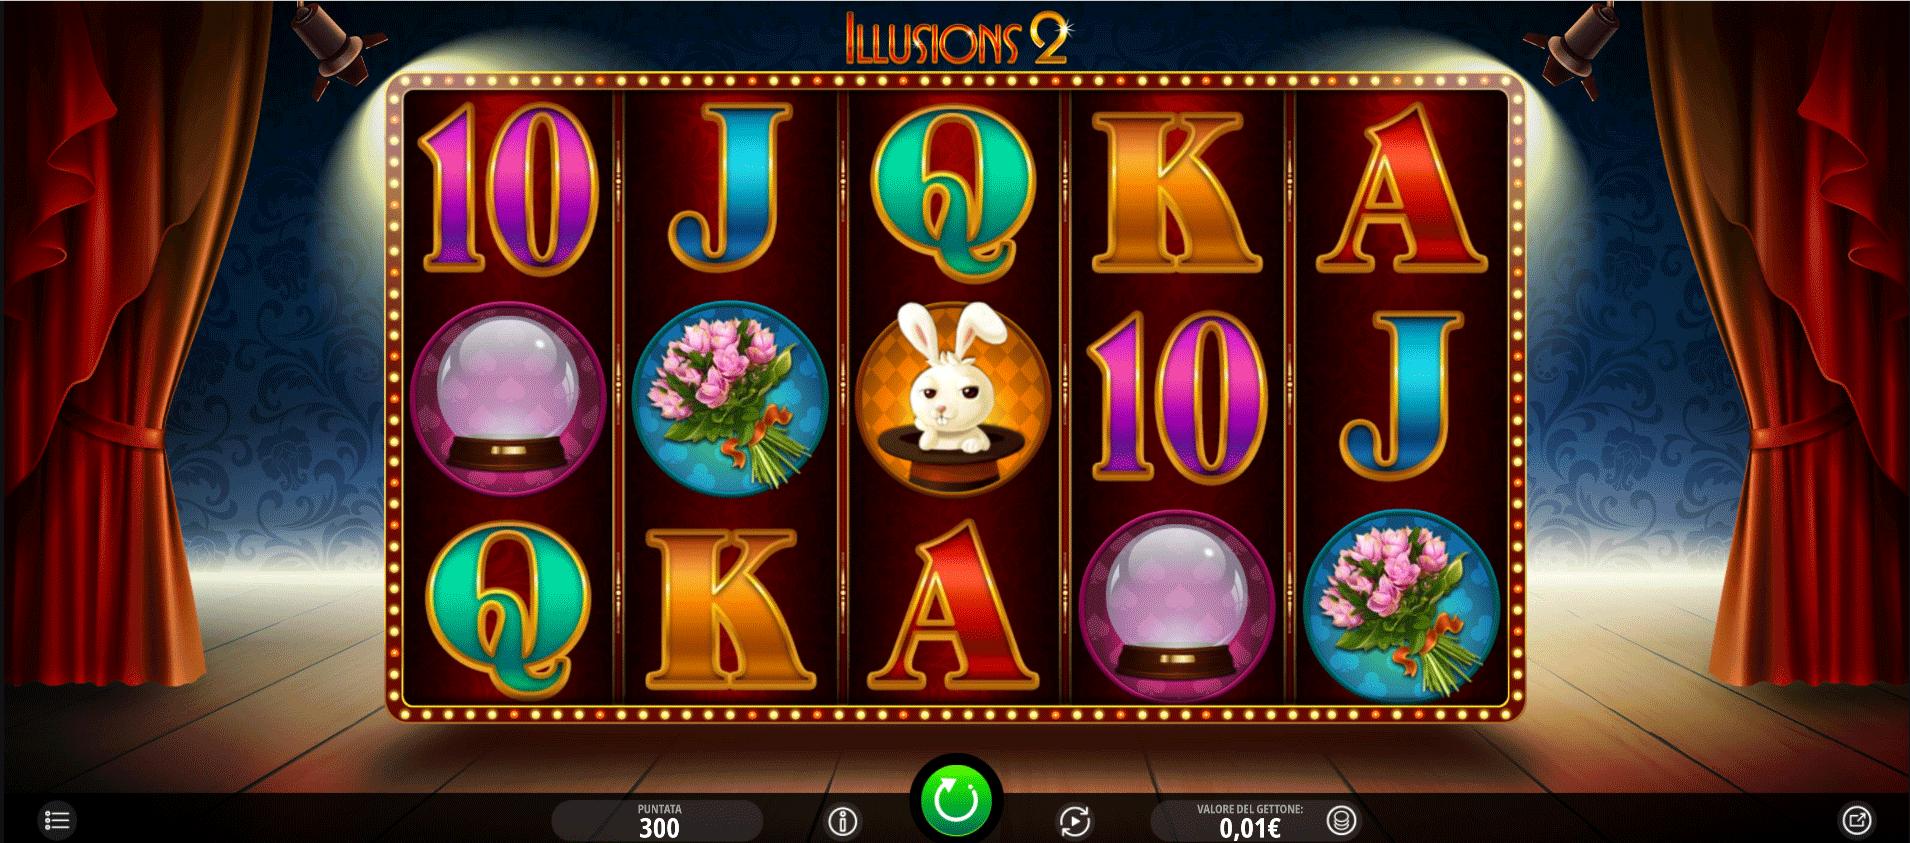 Slot Illusions 2